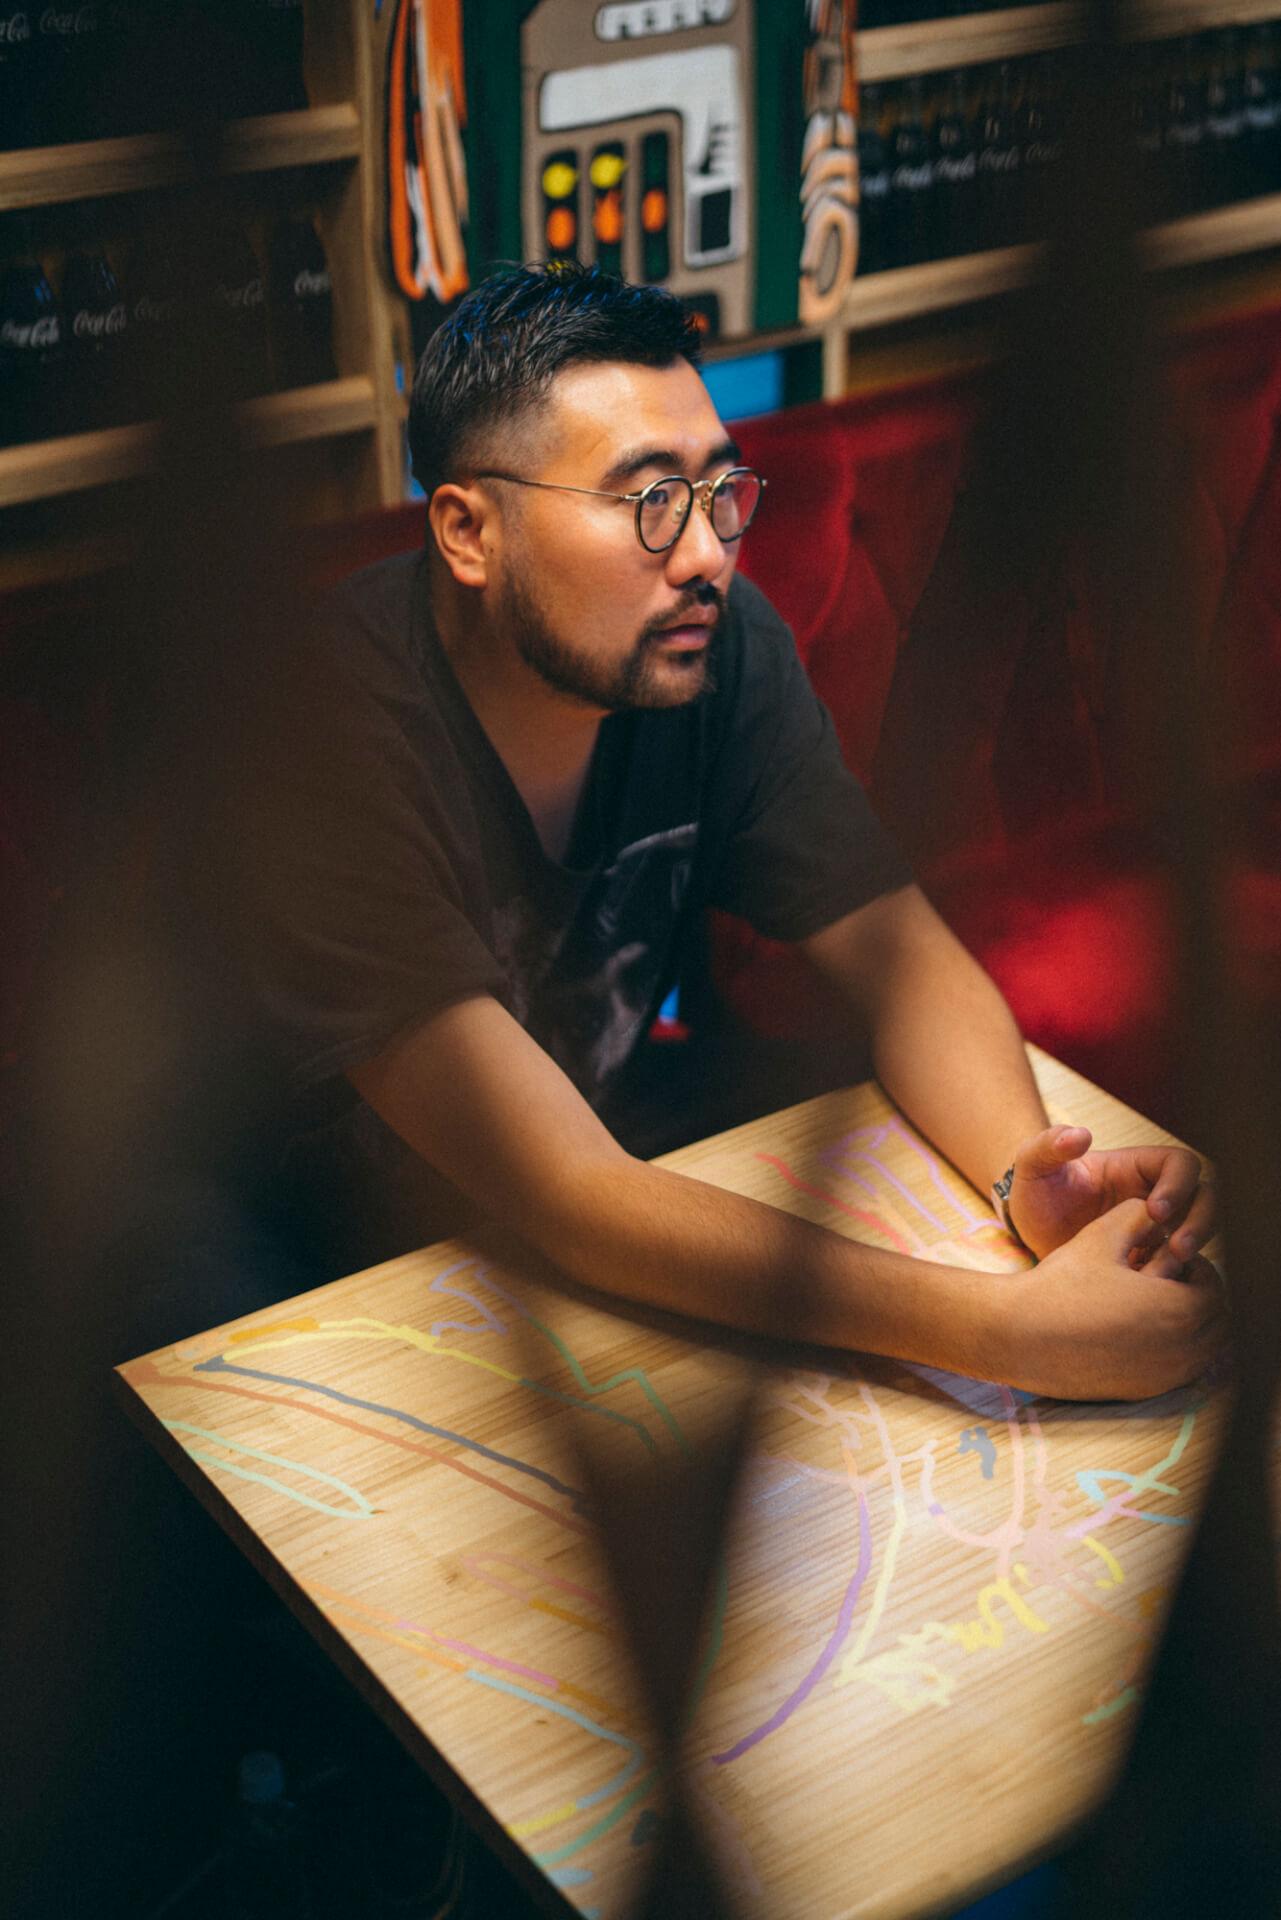 インタビュー|ロンドン在住の映像作家・木村太一が提示した表現の自由とアートの価値とは? interview191028-taichikimura-5